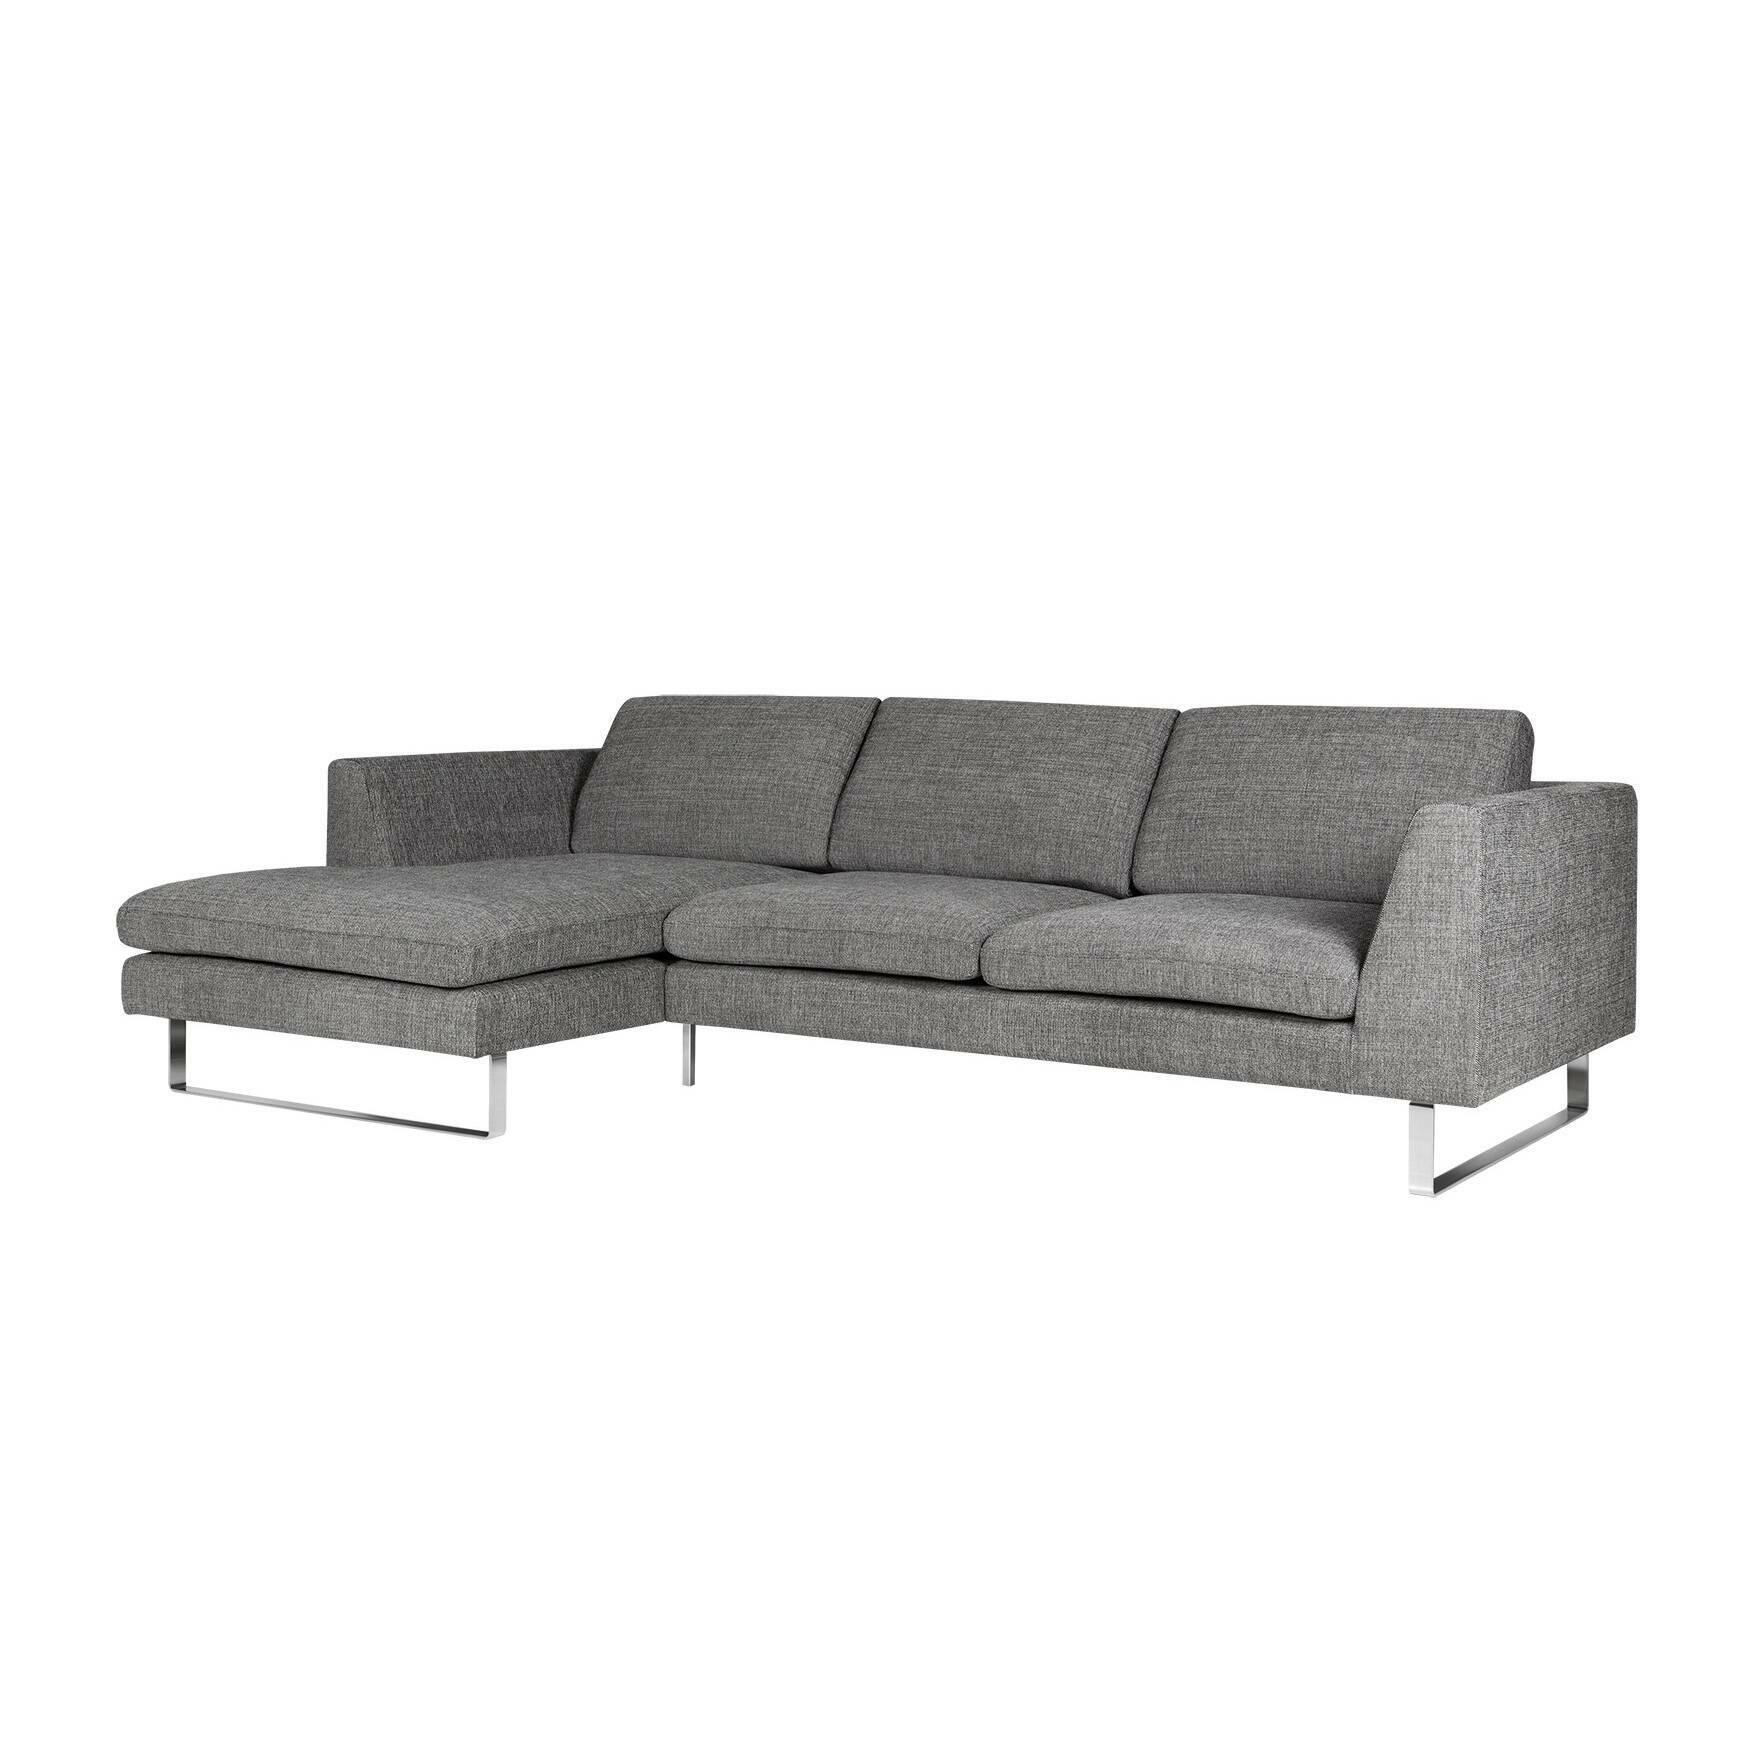 Угловой диван Tokyo левостороннийУгловые<br>Дизайнерский длинный серый диван Tokyo (Токио) с обивкой из полиэстера на ножках в цвете хром от Sits (Ситс).<br> Угловой диван Tokyo левосторонний выполнен в простом, классическом стиле, который слегка разбавляют стальные хромированные ножки, благодаря чему диван получается более стильным и современным. Диван элегантного серого цвета имеет много места для сидения и лежания, что способствует отличному отдыху после тяжелого трудового дня. <br><br><br> Оригинальный диван Tokyo<br>отличается приятной на ...<br><br>stock: 0<br>Высота: 80<br>Высота сиденья: 43<br>Глубина: 102<br>Длина: 250<br>Цвет ножек: Хром<br>Материал обивки: Полиэстер<br>Степень комфортности: Люкс<br>Форма подлокотников: Стандарт<br>Коллекция ткани: Категория ткани III<br>Тип материала обивки: Ткань<br>Тип материала ножек: Сталь нержавеющая<br>Длина шезлонга (см): 155<br>Цвет обивки: Серый